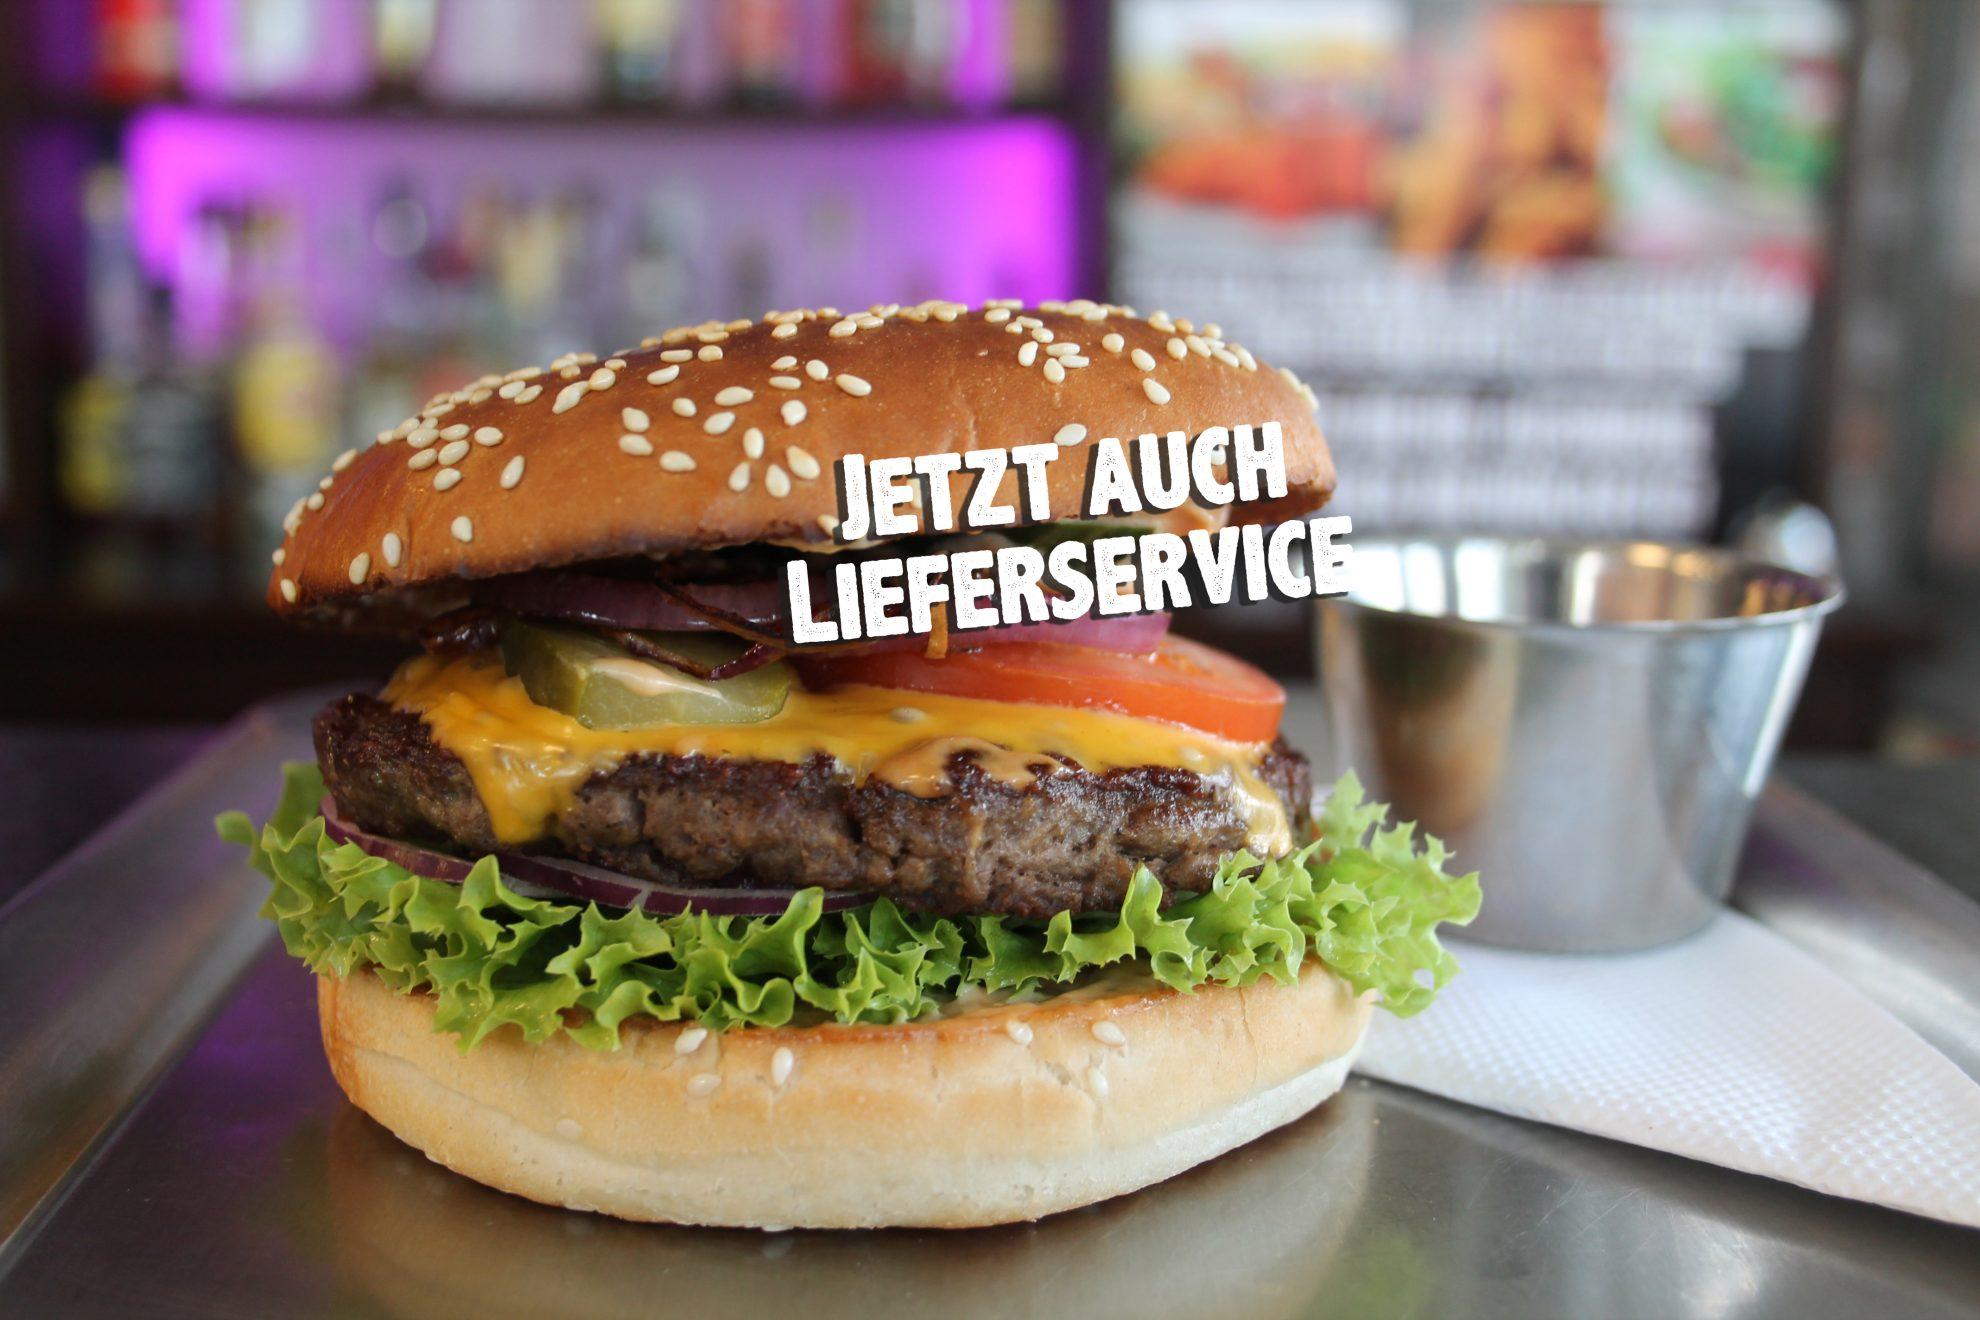 Beef Burger von Wurst & Durst - wir liefern Burger und Fast Food in Kornwestheim und 10 km Umkreis